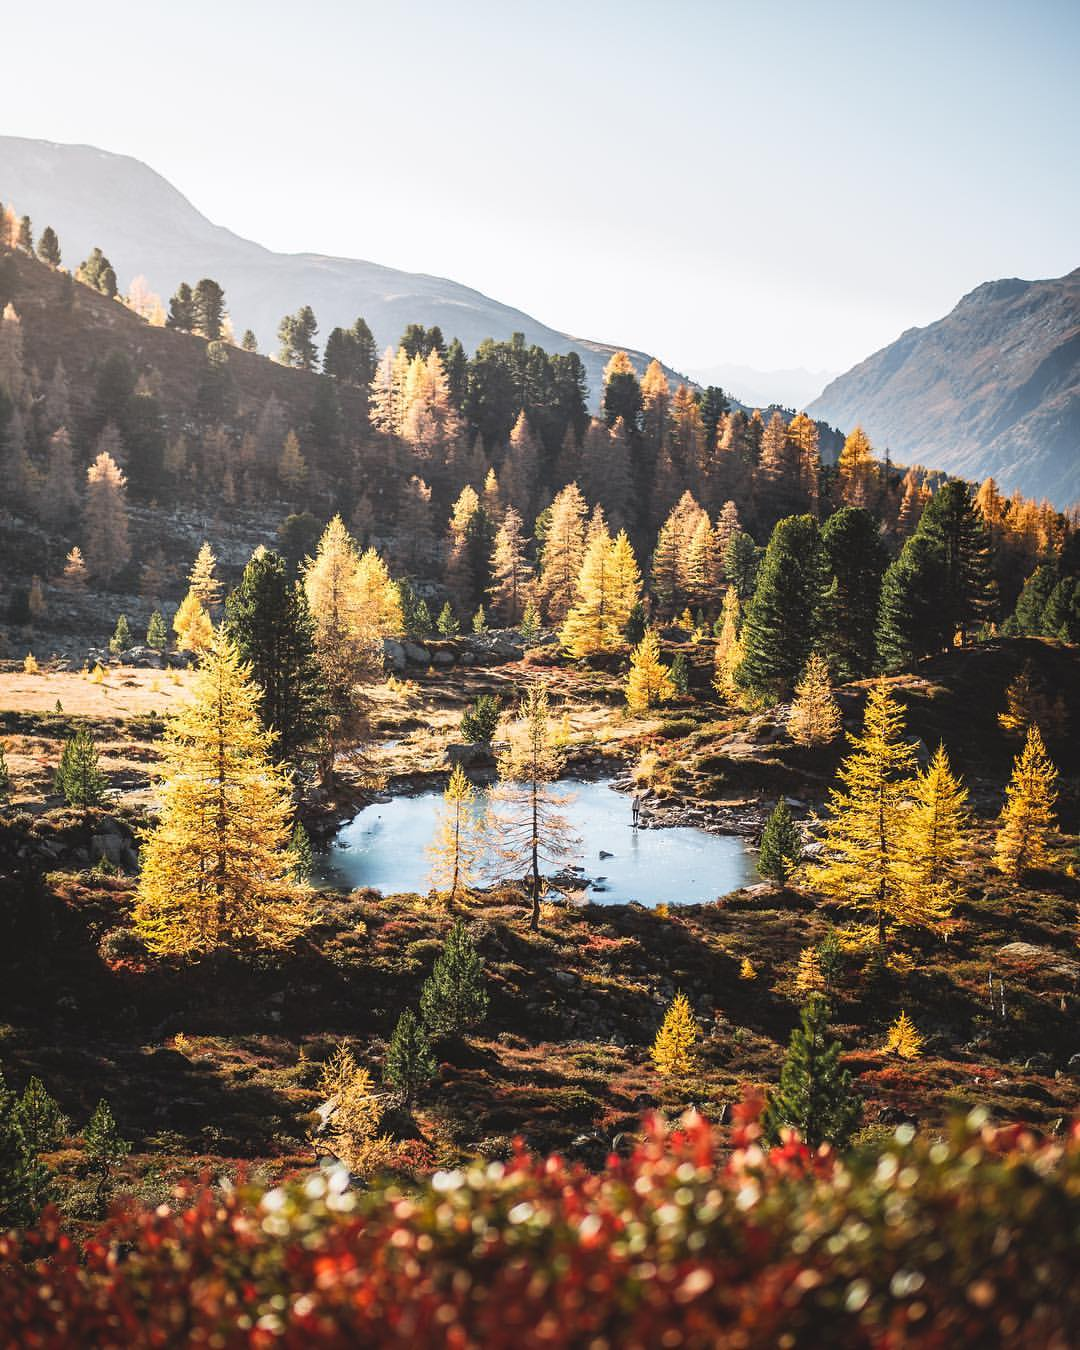 Ein goldener Herbst am Berglisee